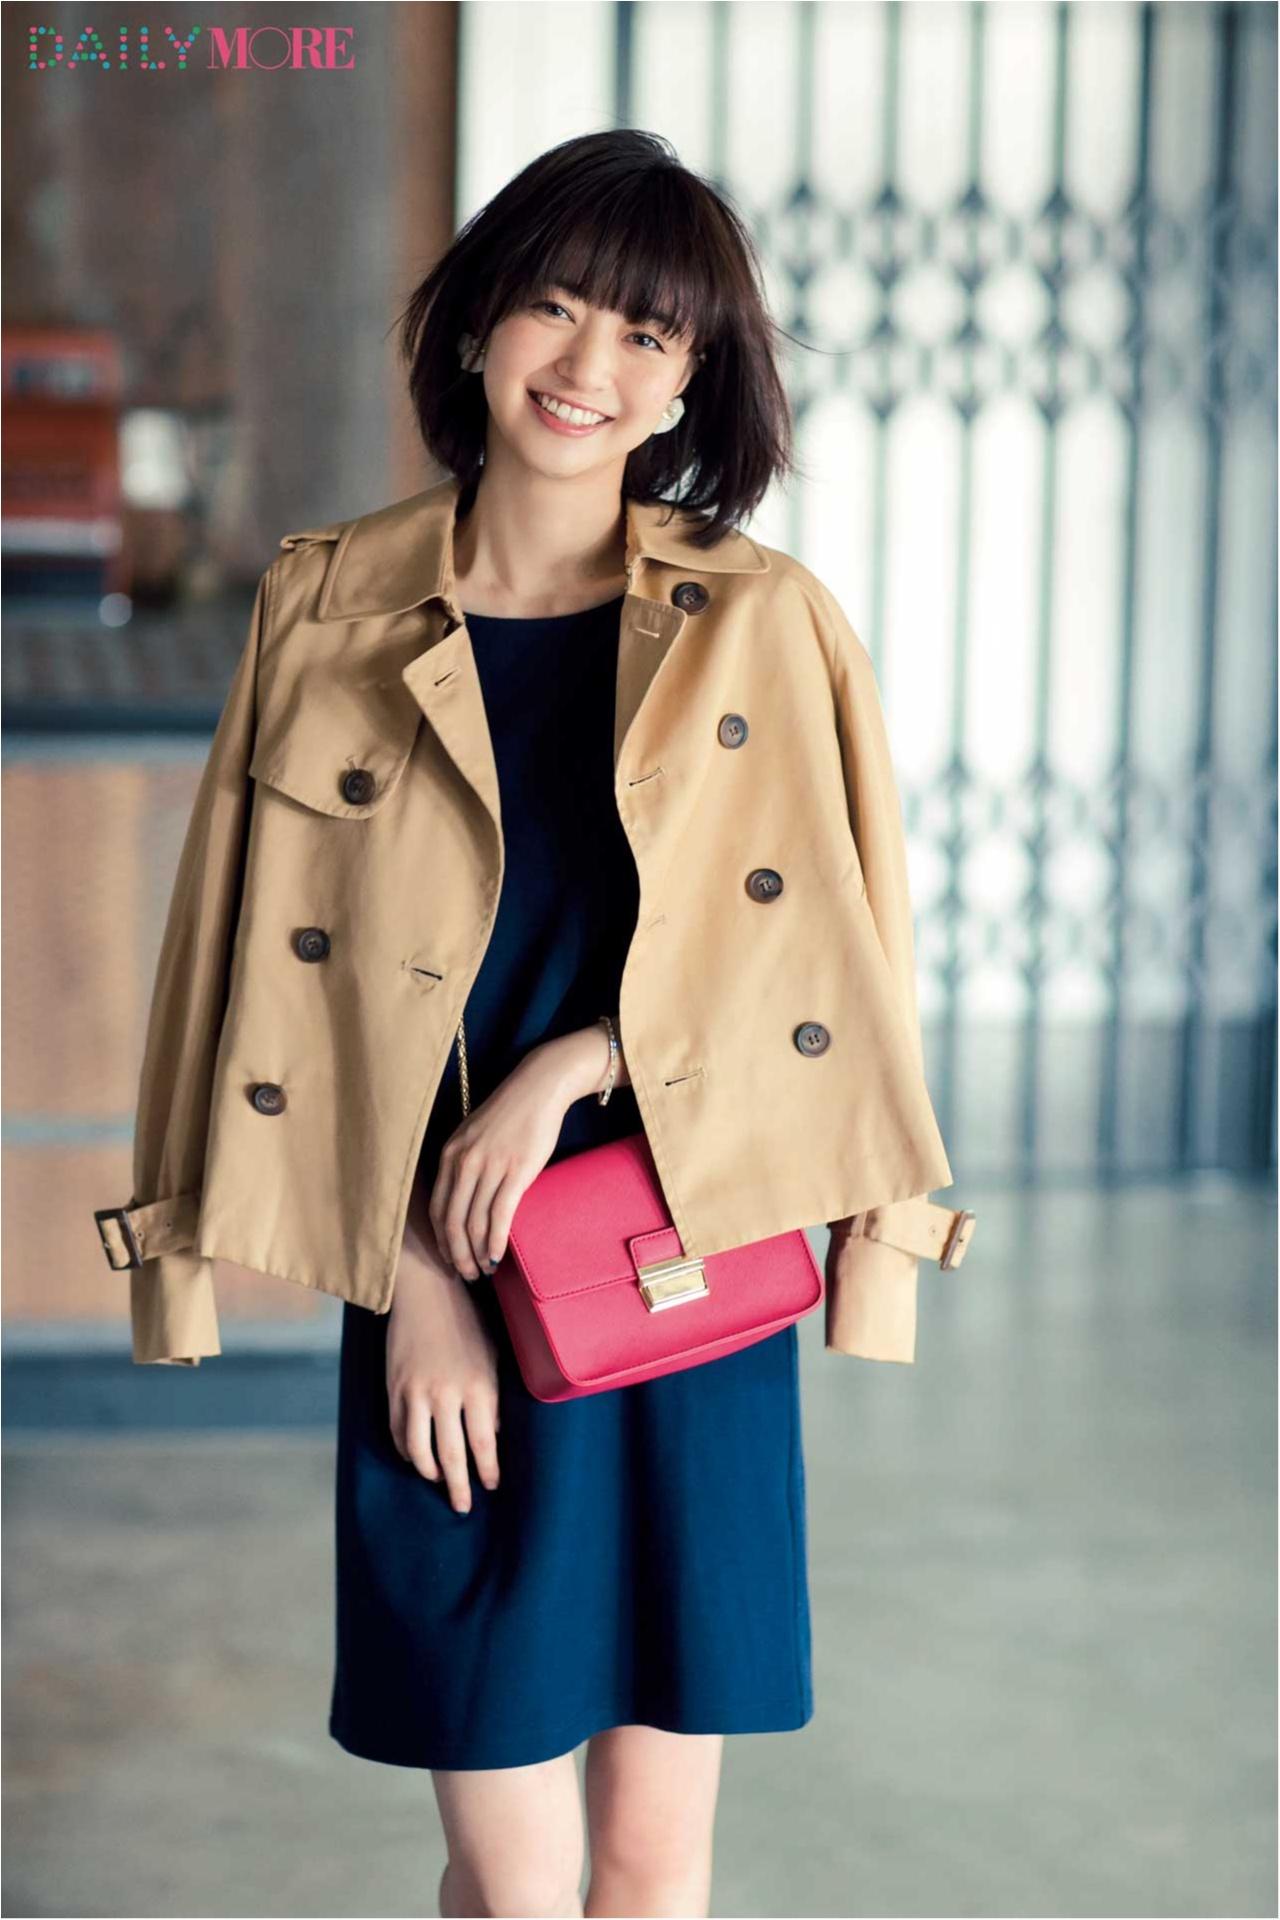 ベージュのトレンチコートを羽織った逢沢りなさん。ショッキングピンクのバッグがアクセントになっていますね。